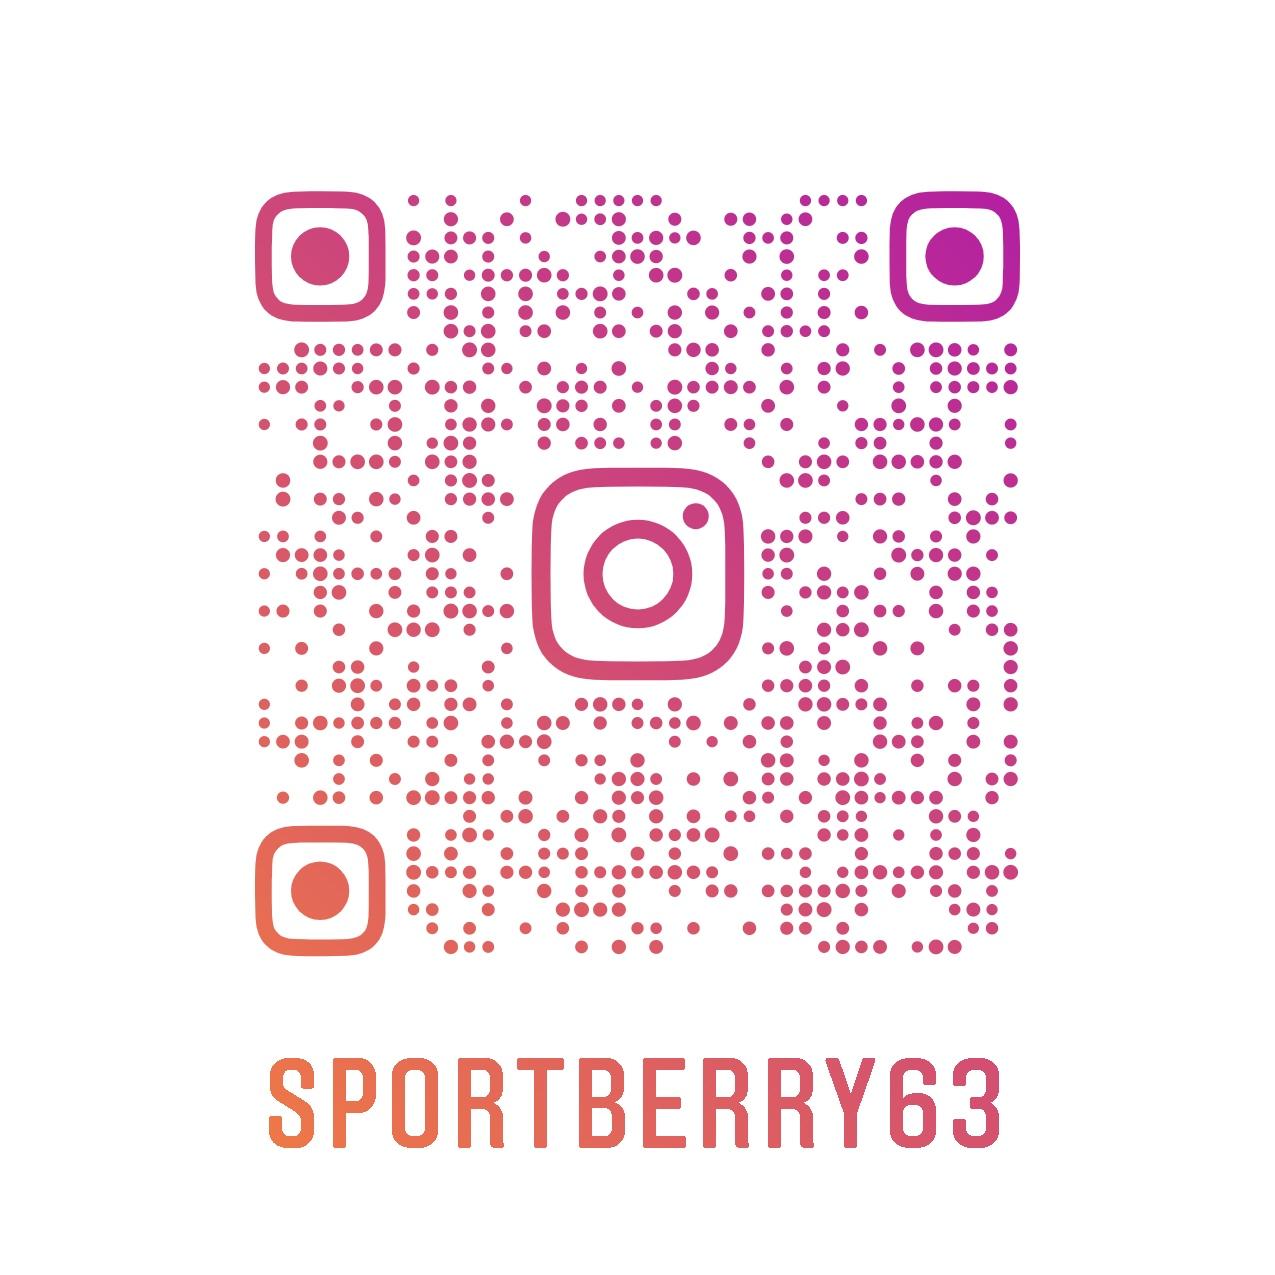 SPORTBERRY ФУТБОЛ САМАРА. купить футбольный инвентарь товары для футбола в самаре